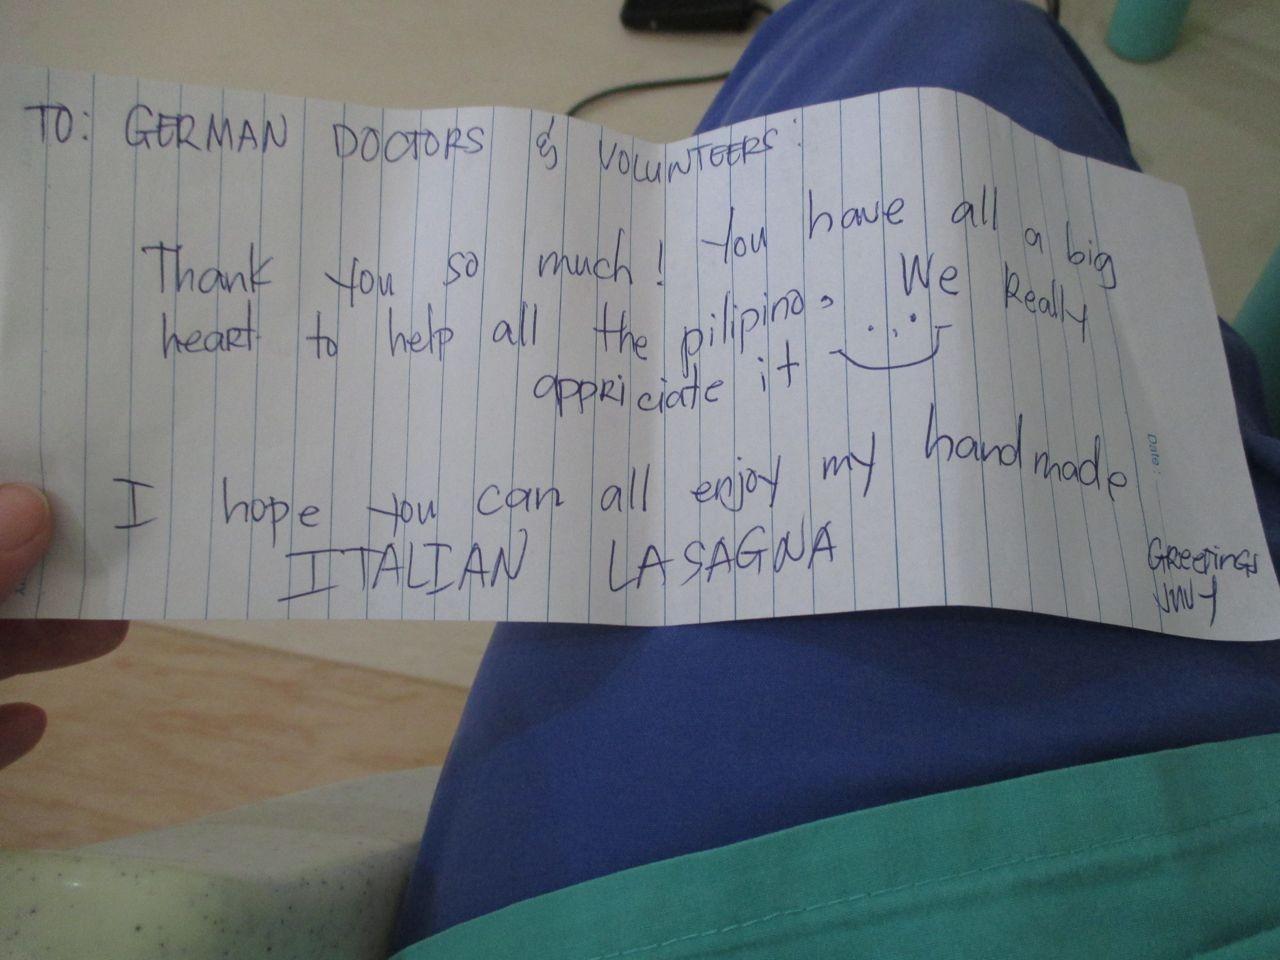 ein kleines Dankeschön einer Patientin, die Lasagne war sehr lecker